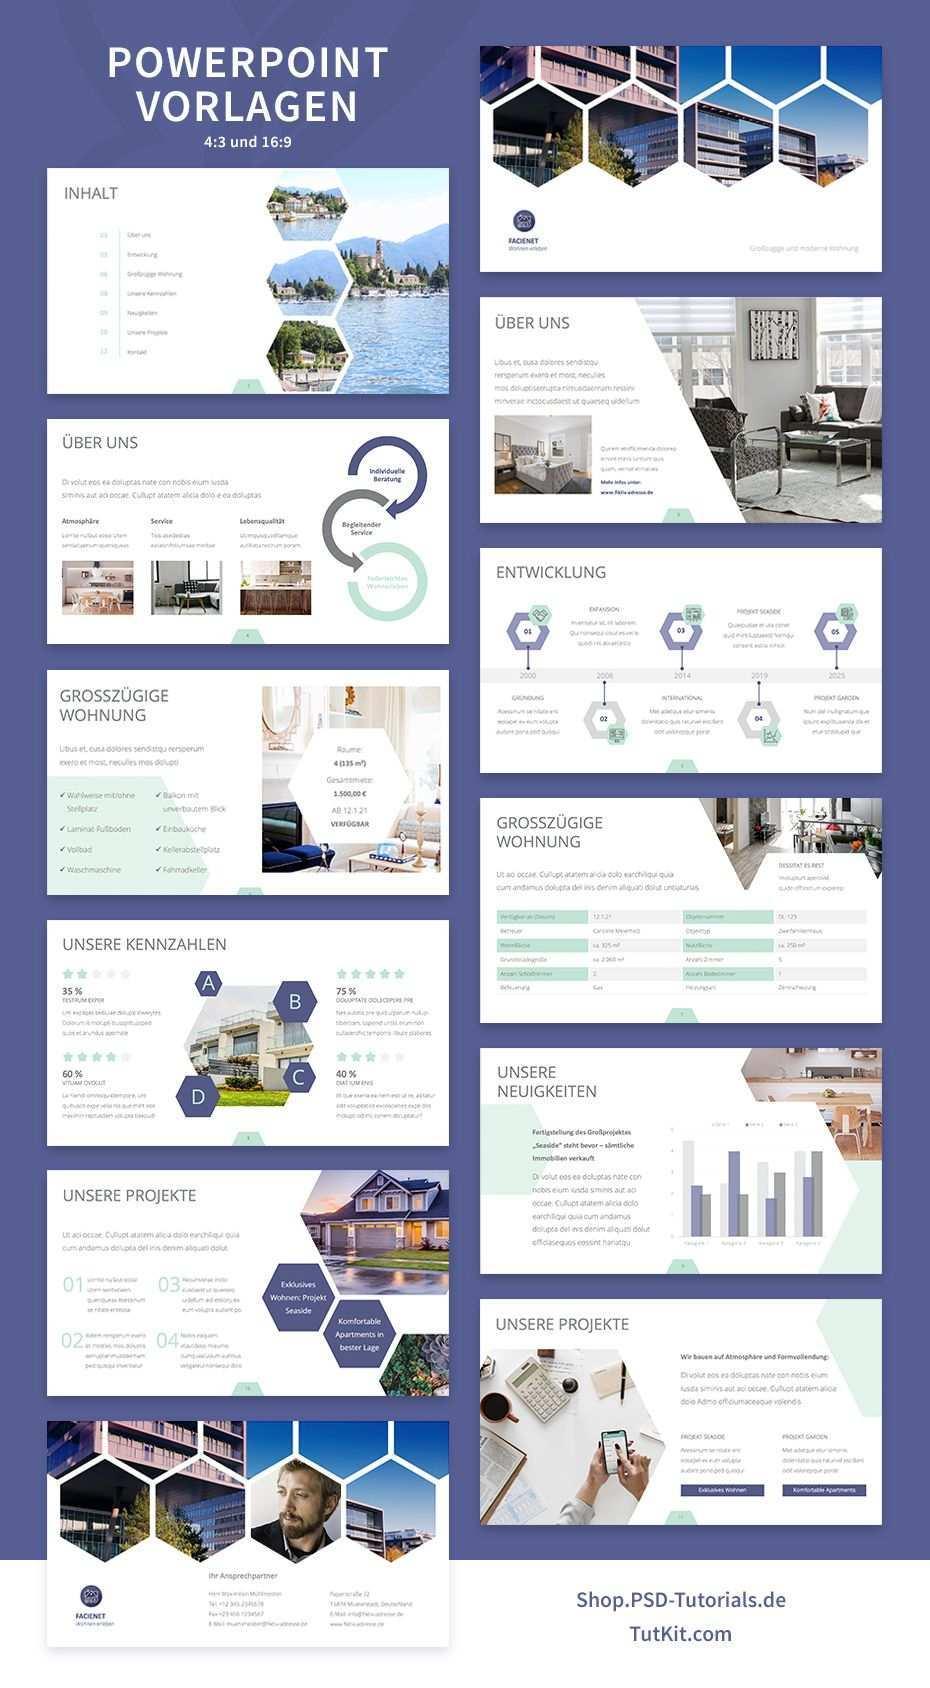 Designstarke Vorlagen Fur Immobilienfirmen Und Architekturburos Vorlagen Expose Immobilien Designvorlagen